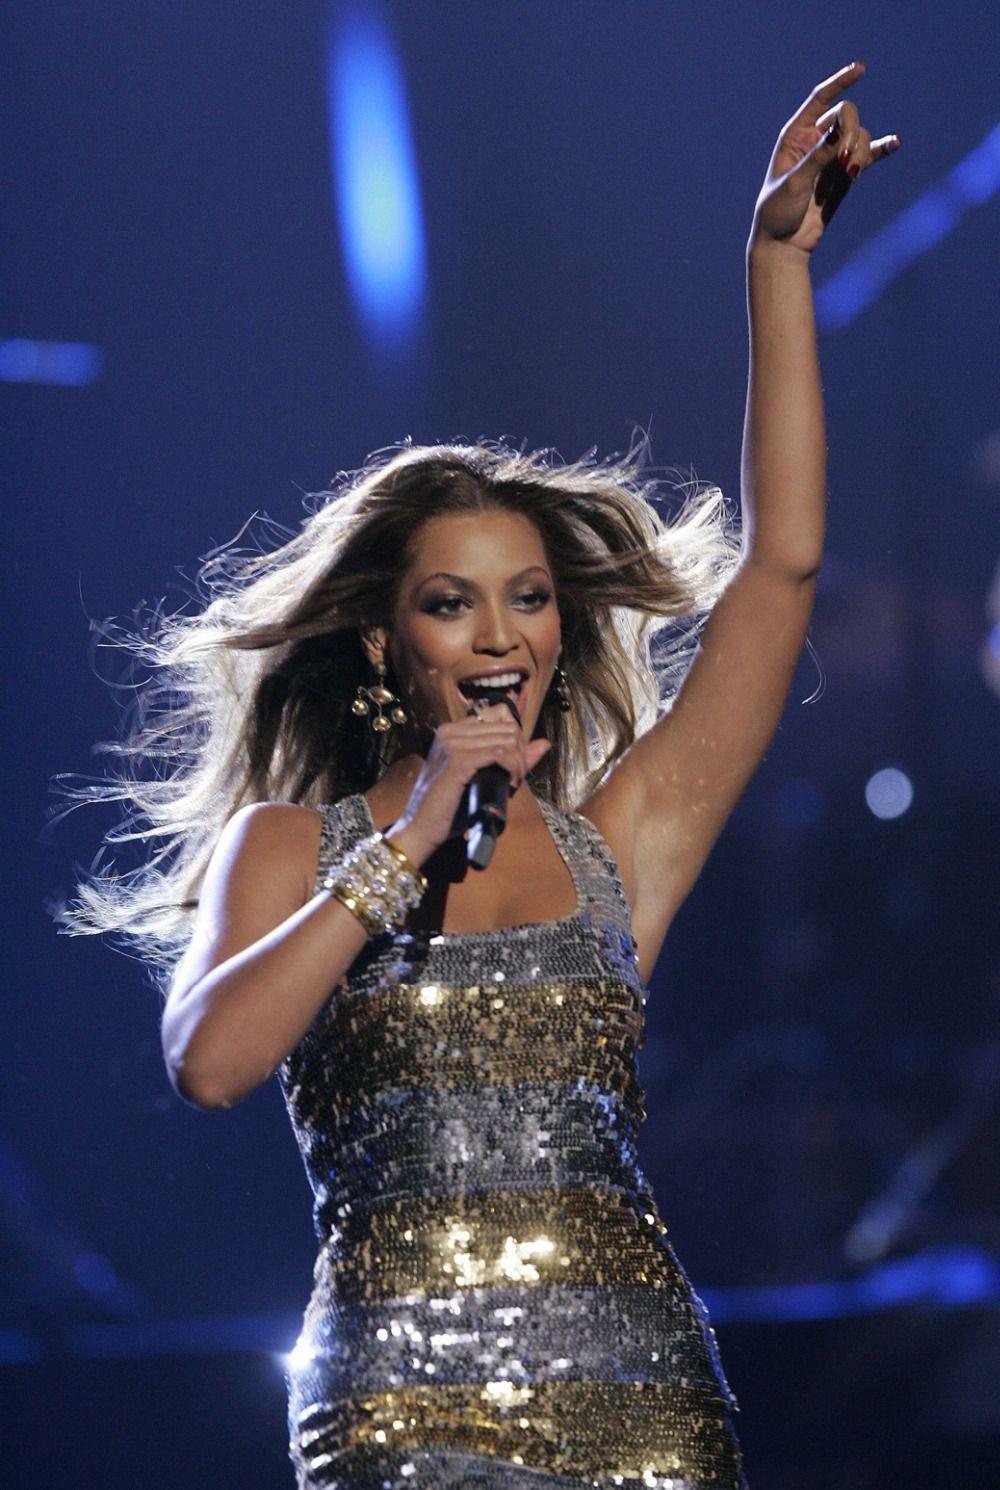 Beyonce Knowles Posters Beyonce Knowles Pop Music bk